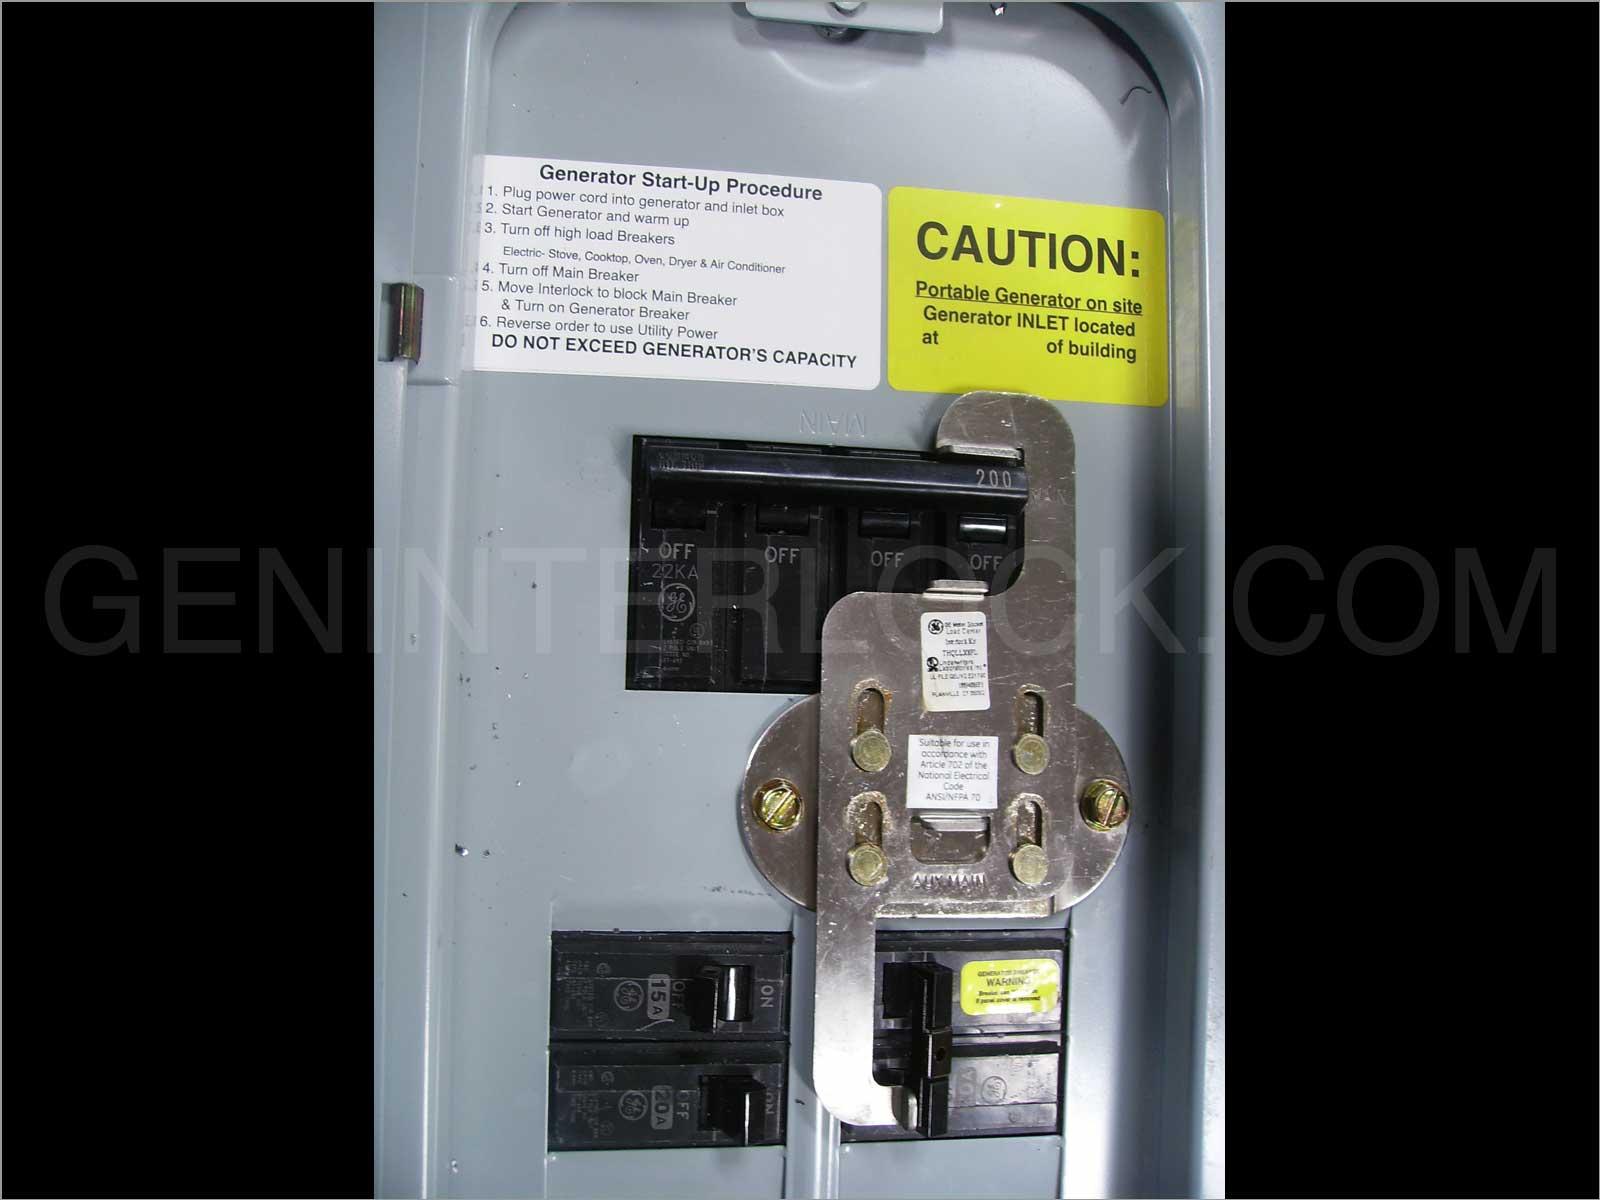 OEM Model Generator Interlock Kit General Electric GE Vertical